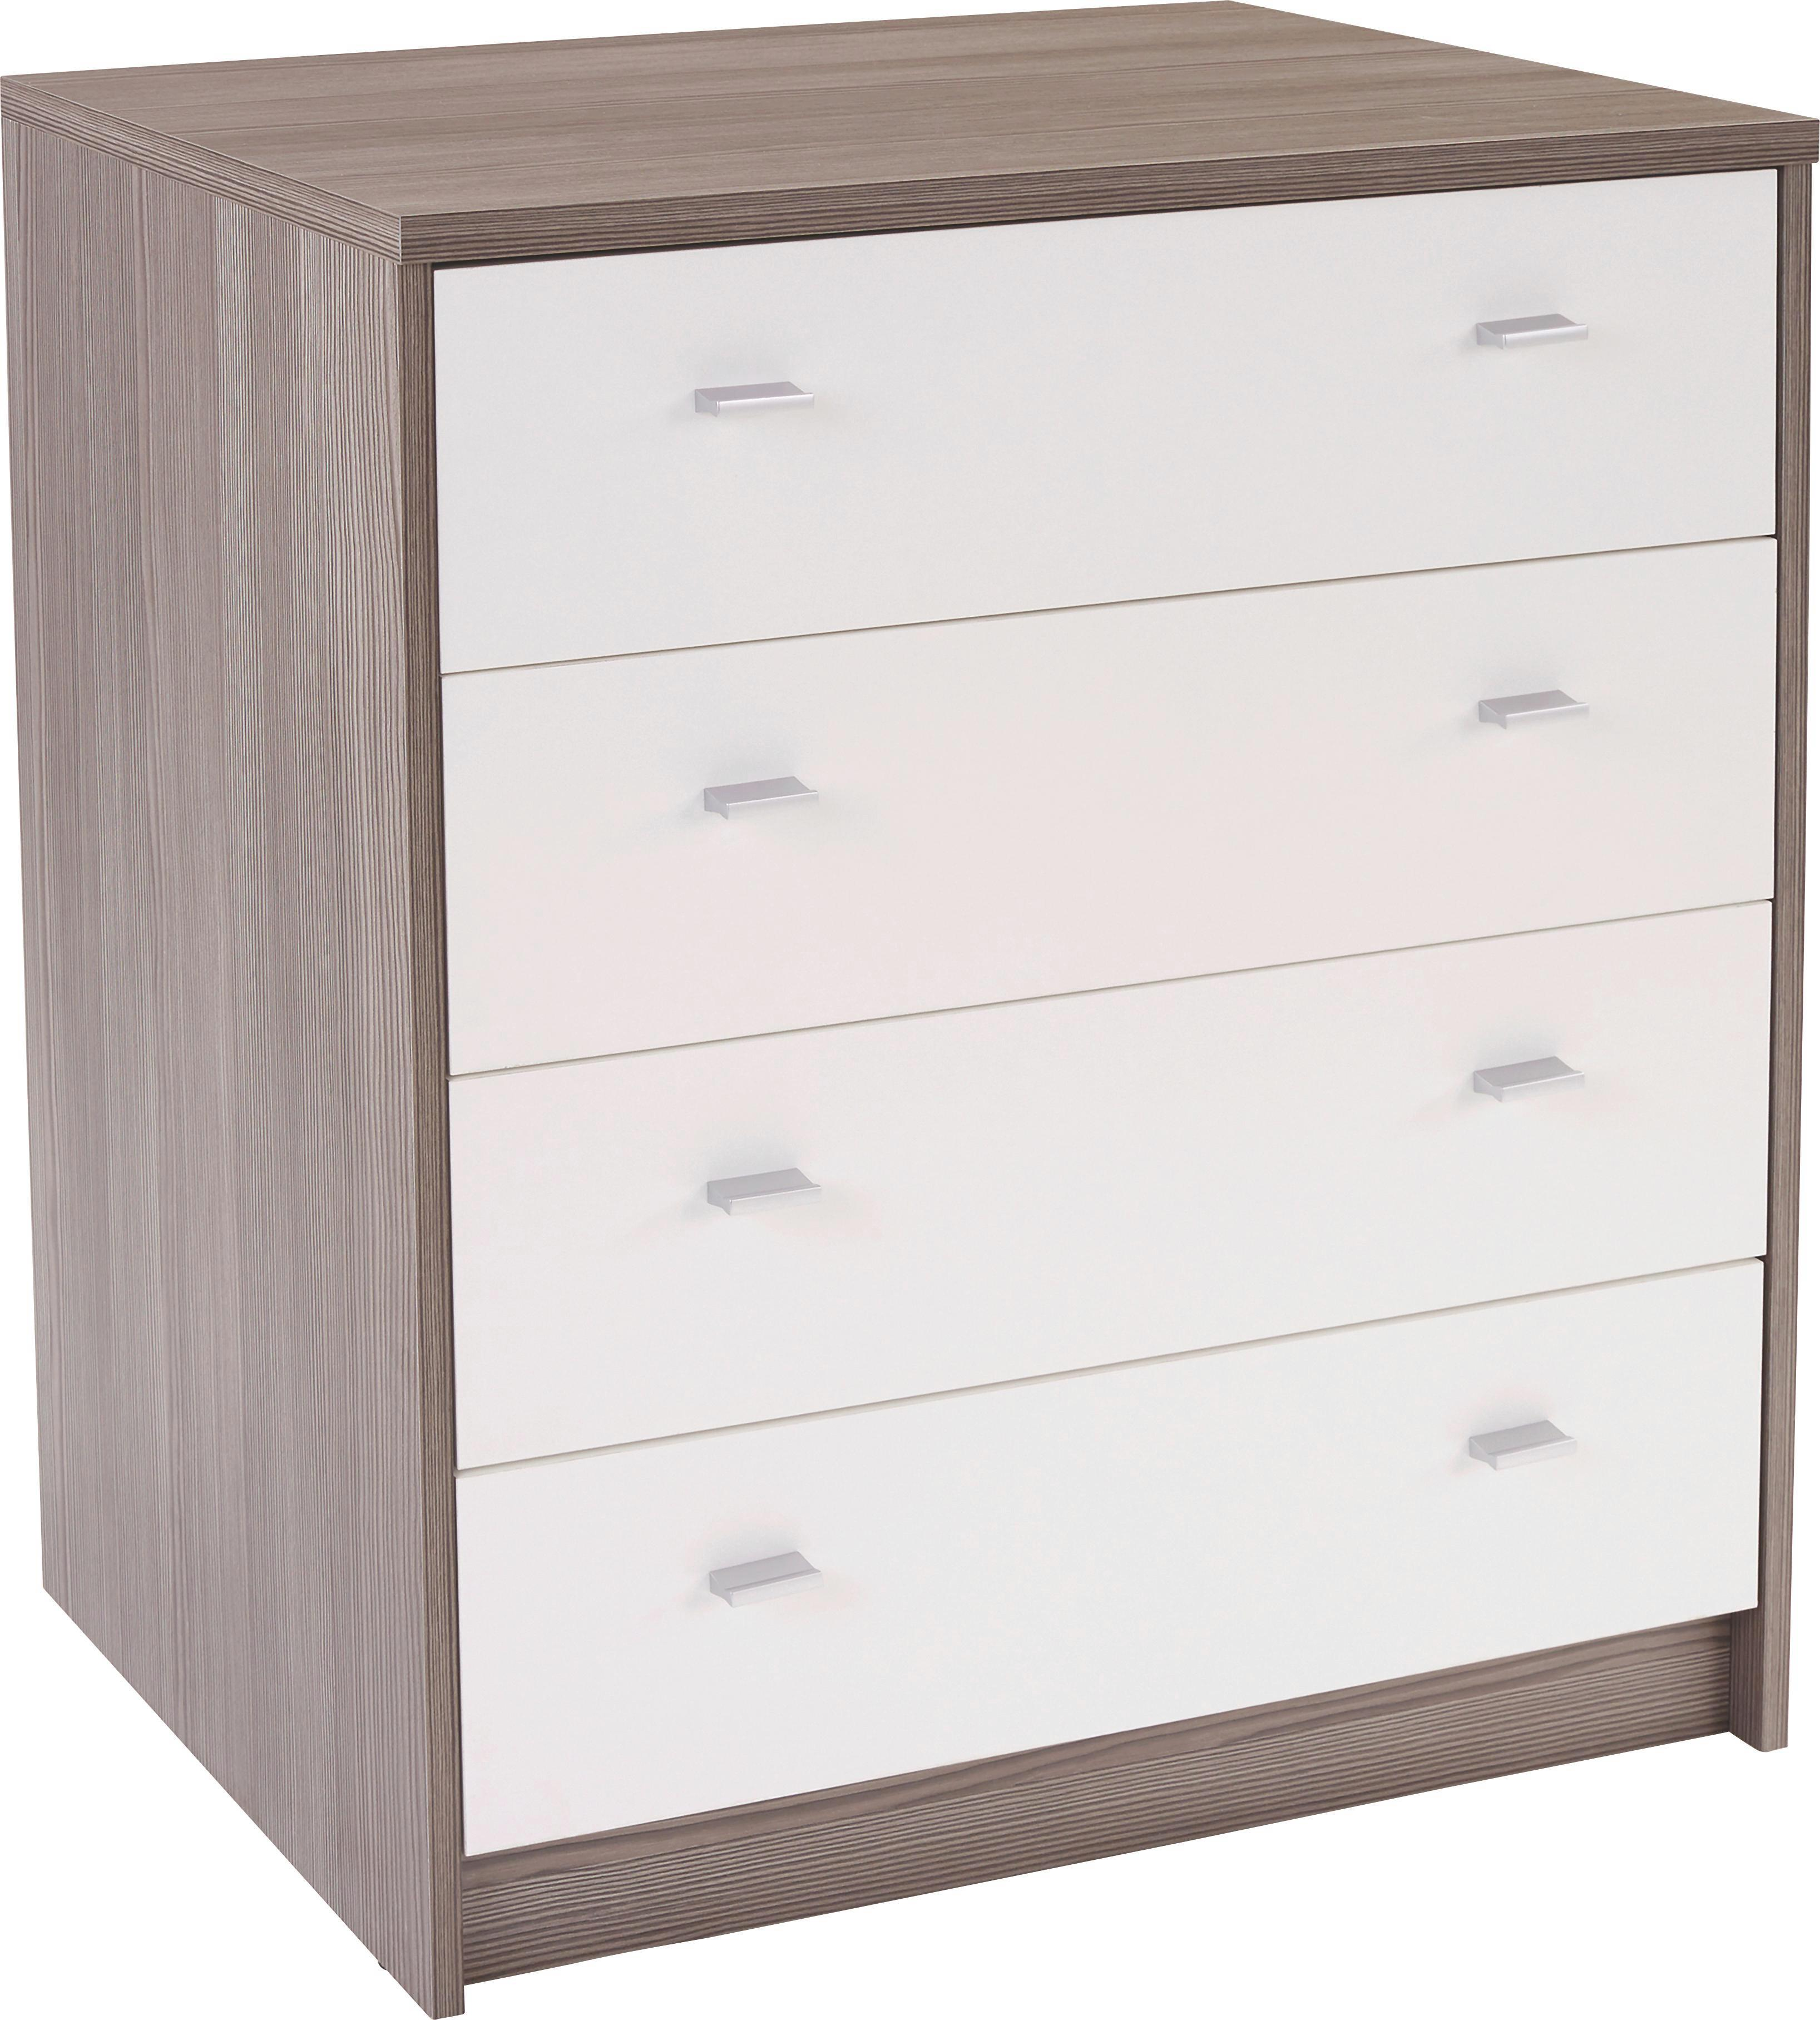 Komoda 4-you Yuk06 - bílá/tmavě hnědá, Moderní, dřevěný materiál (74/85,4/44,3cm)